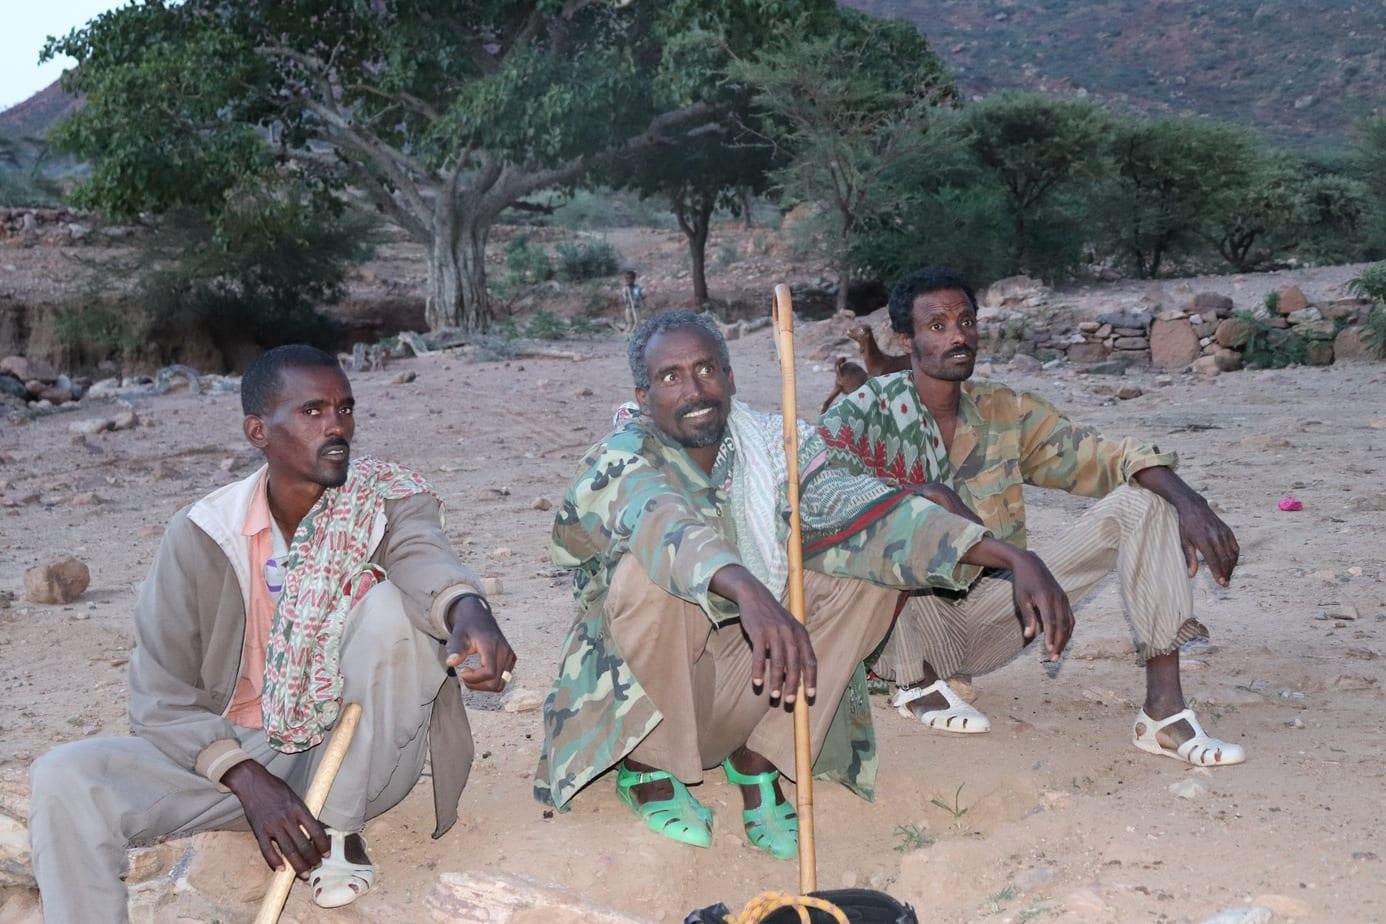 Mountain guides Ethiopia